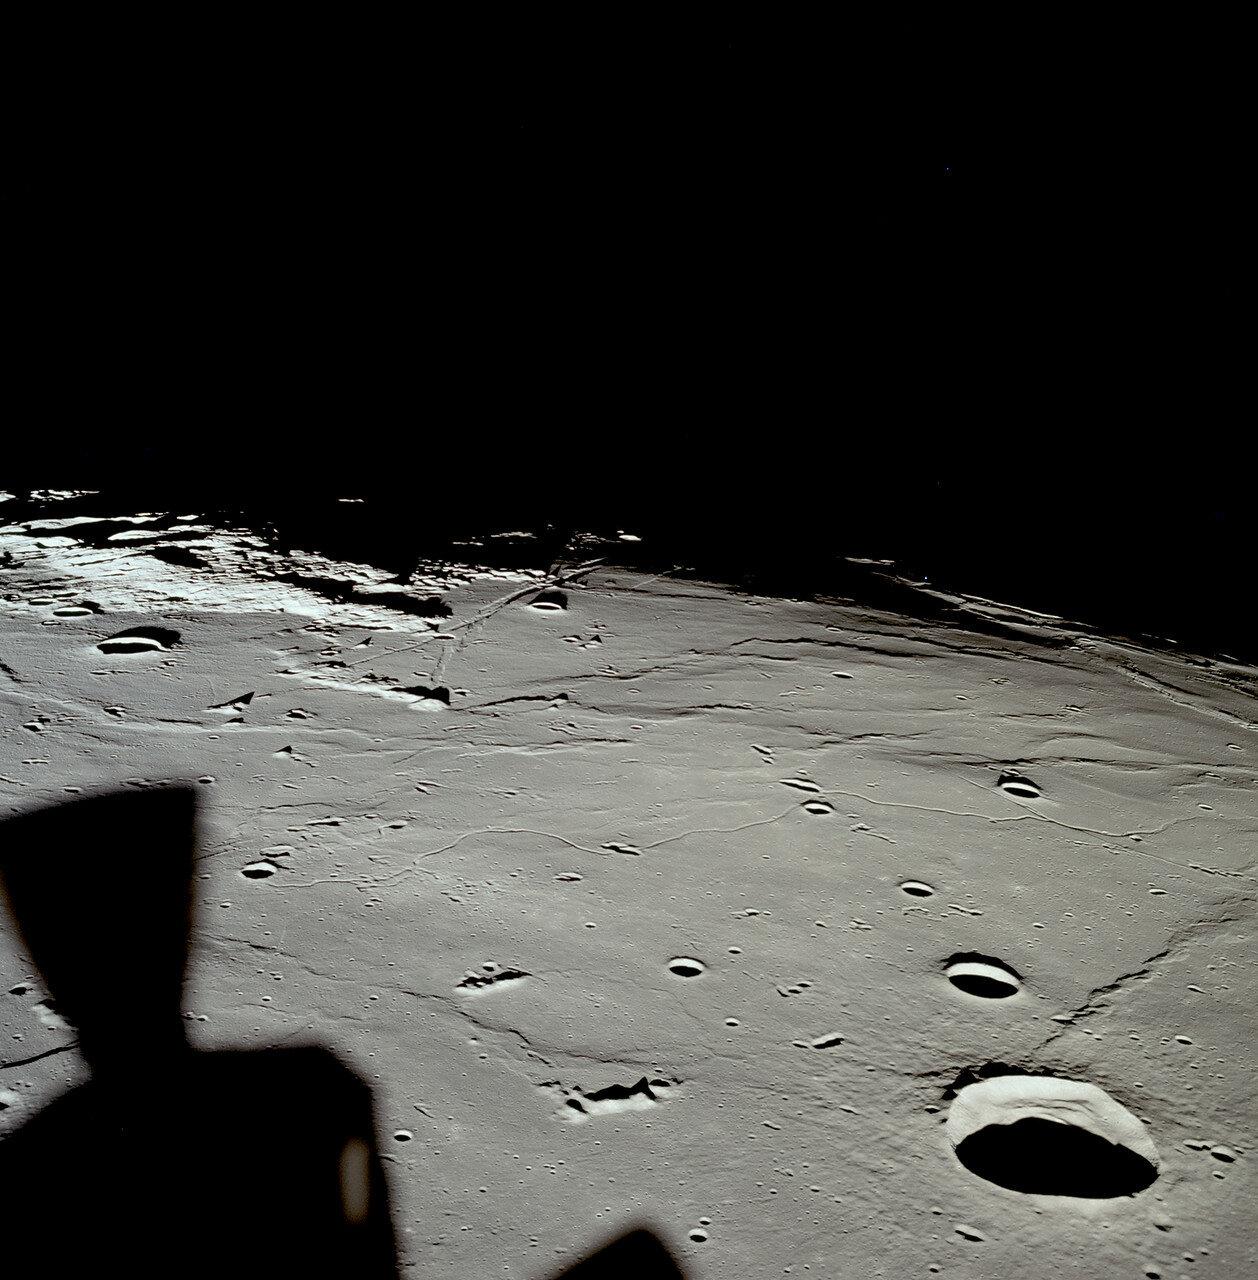 На высоте около 80 метров вертикальная скорость снижения составляла около 0,5 м/с. Олдрин сообщил, что осталось 8% топлива. Ещё через несколько секунд он добавил, что видит тень «Орла» на поверхности Луны.